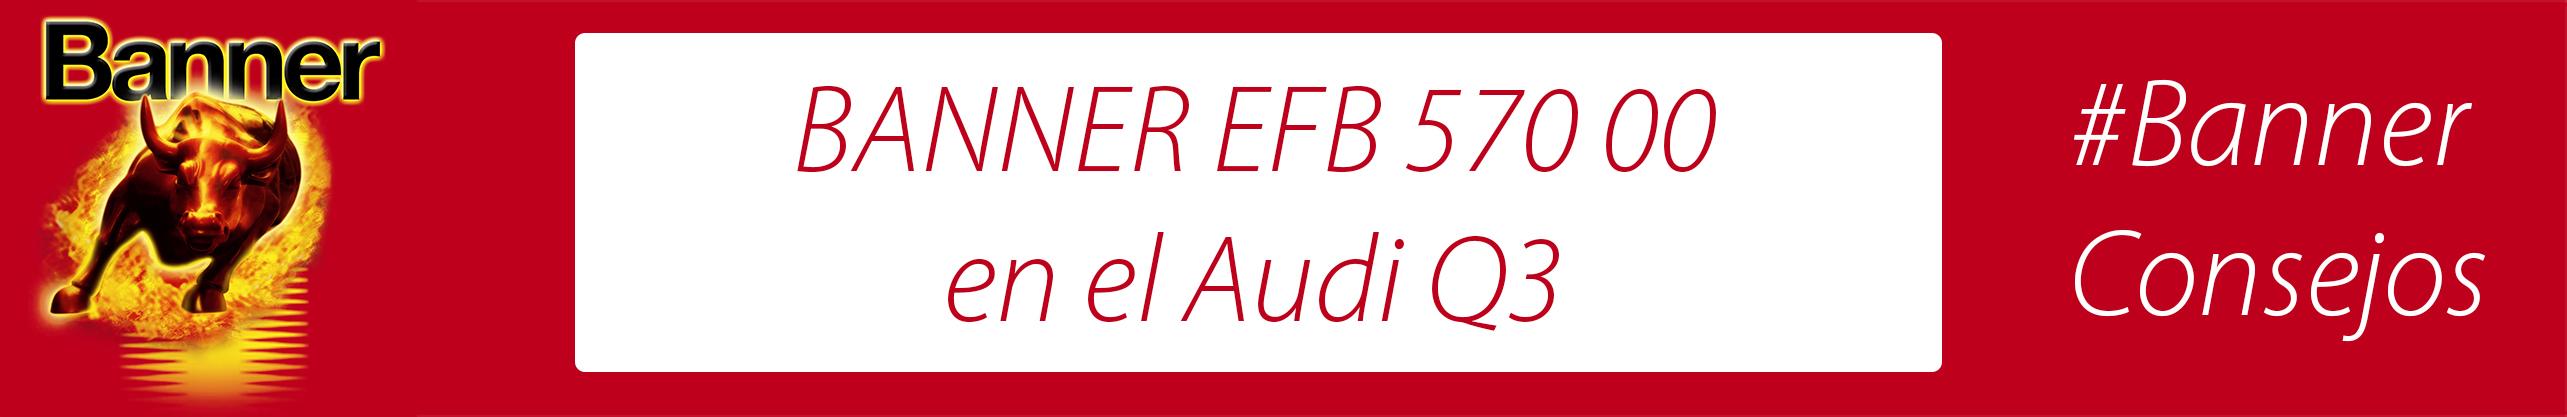 ¿Sabías que el Audi Q3 lleva la batería Banner EFB 570 00?